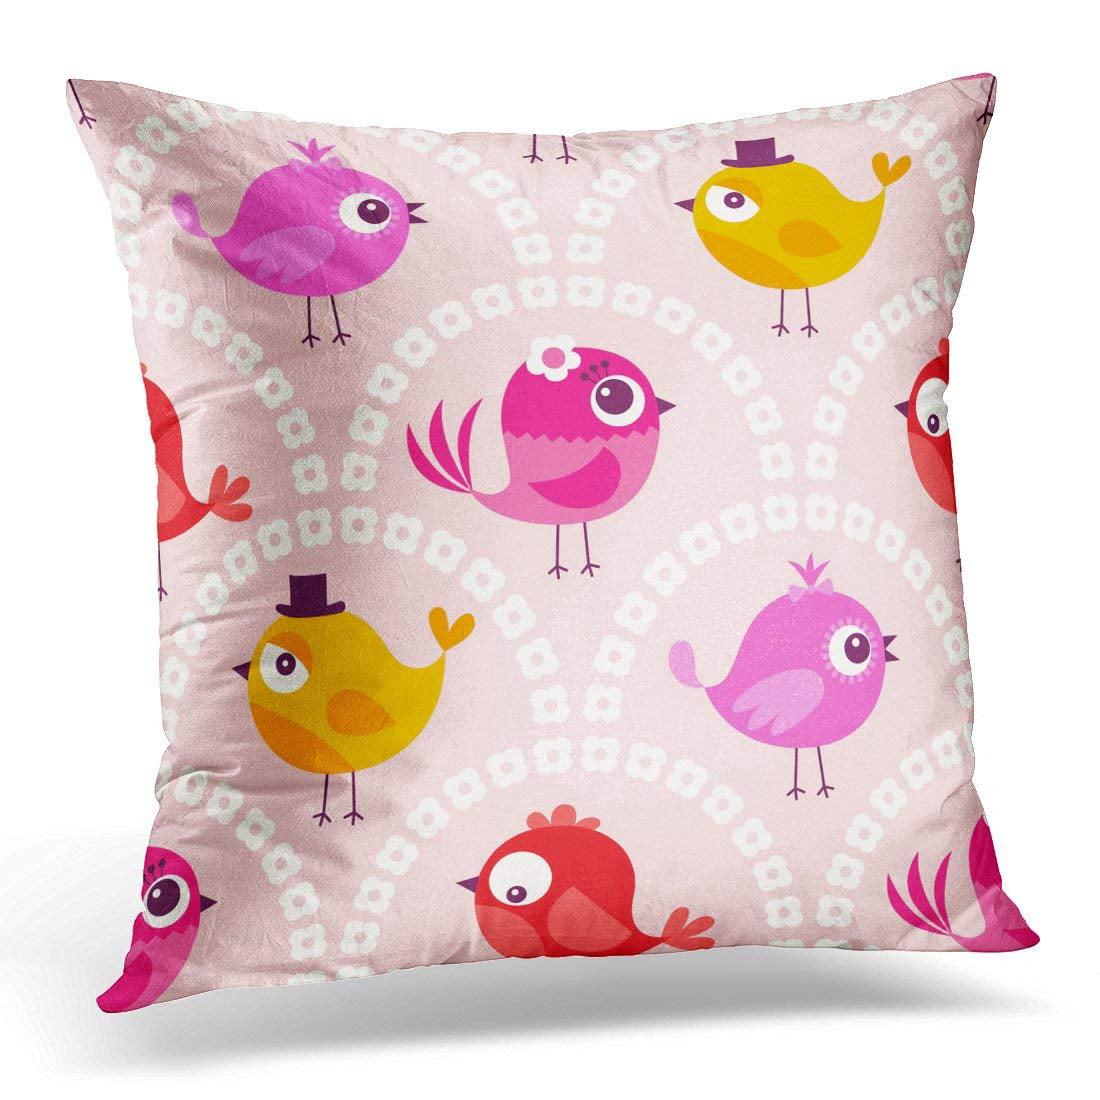 CMFUN Pink Wall Cute Cartoon Birds Pattern Red Kids Pillow Case Pillow Cover 20x20 inch